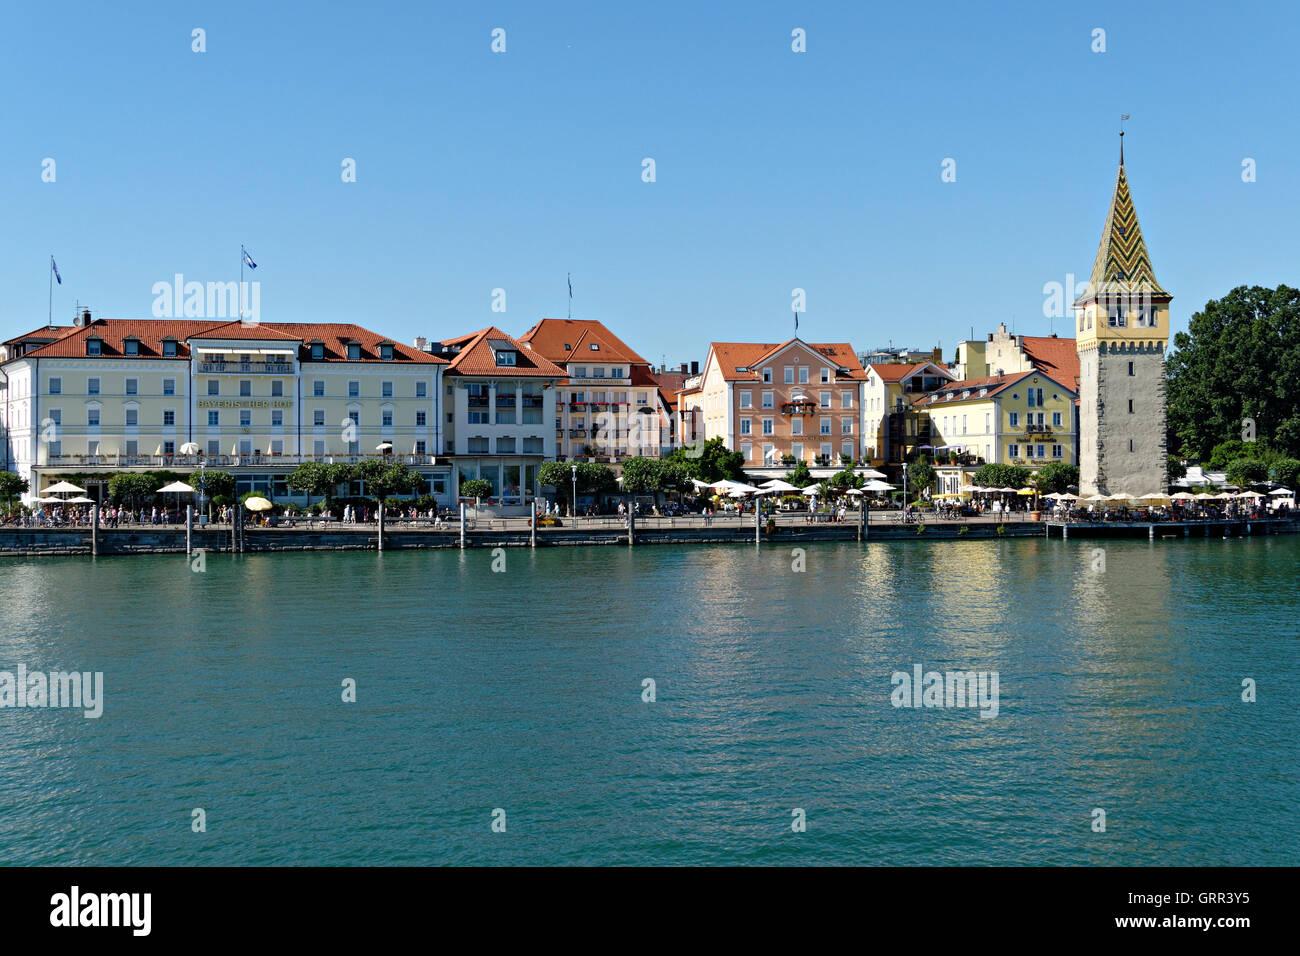 Old lighthouse, Mangenturm, port, Lake Constance, Lindau, Swabia, Bavaria, Germany, Europe Stock Photo